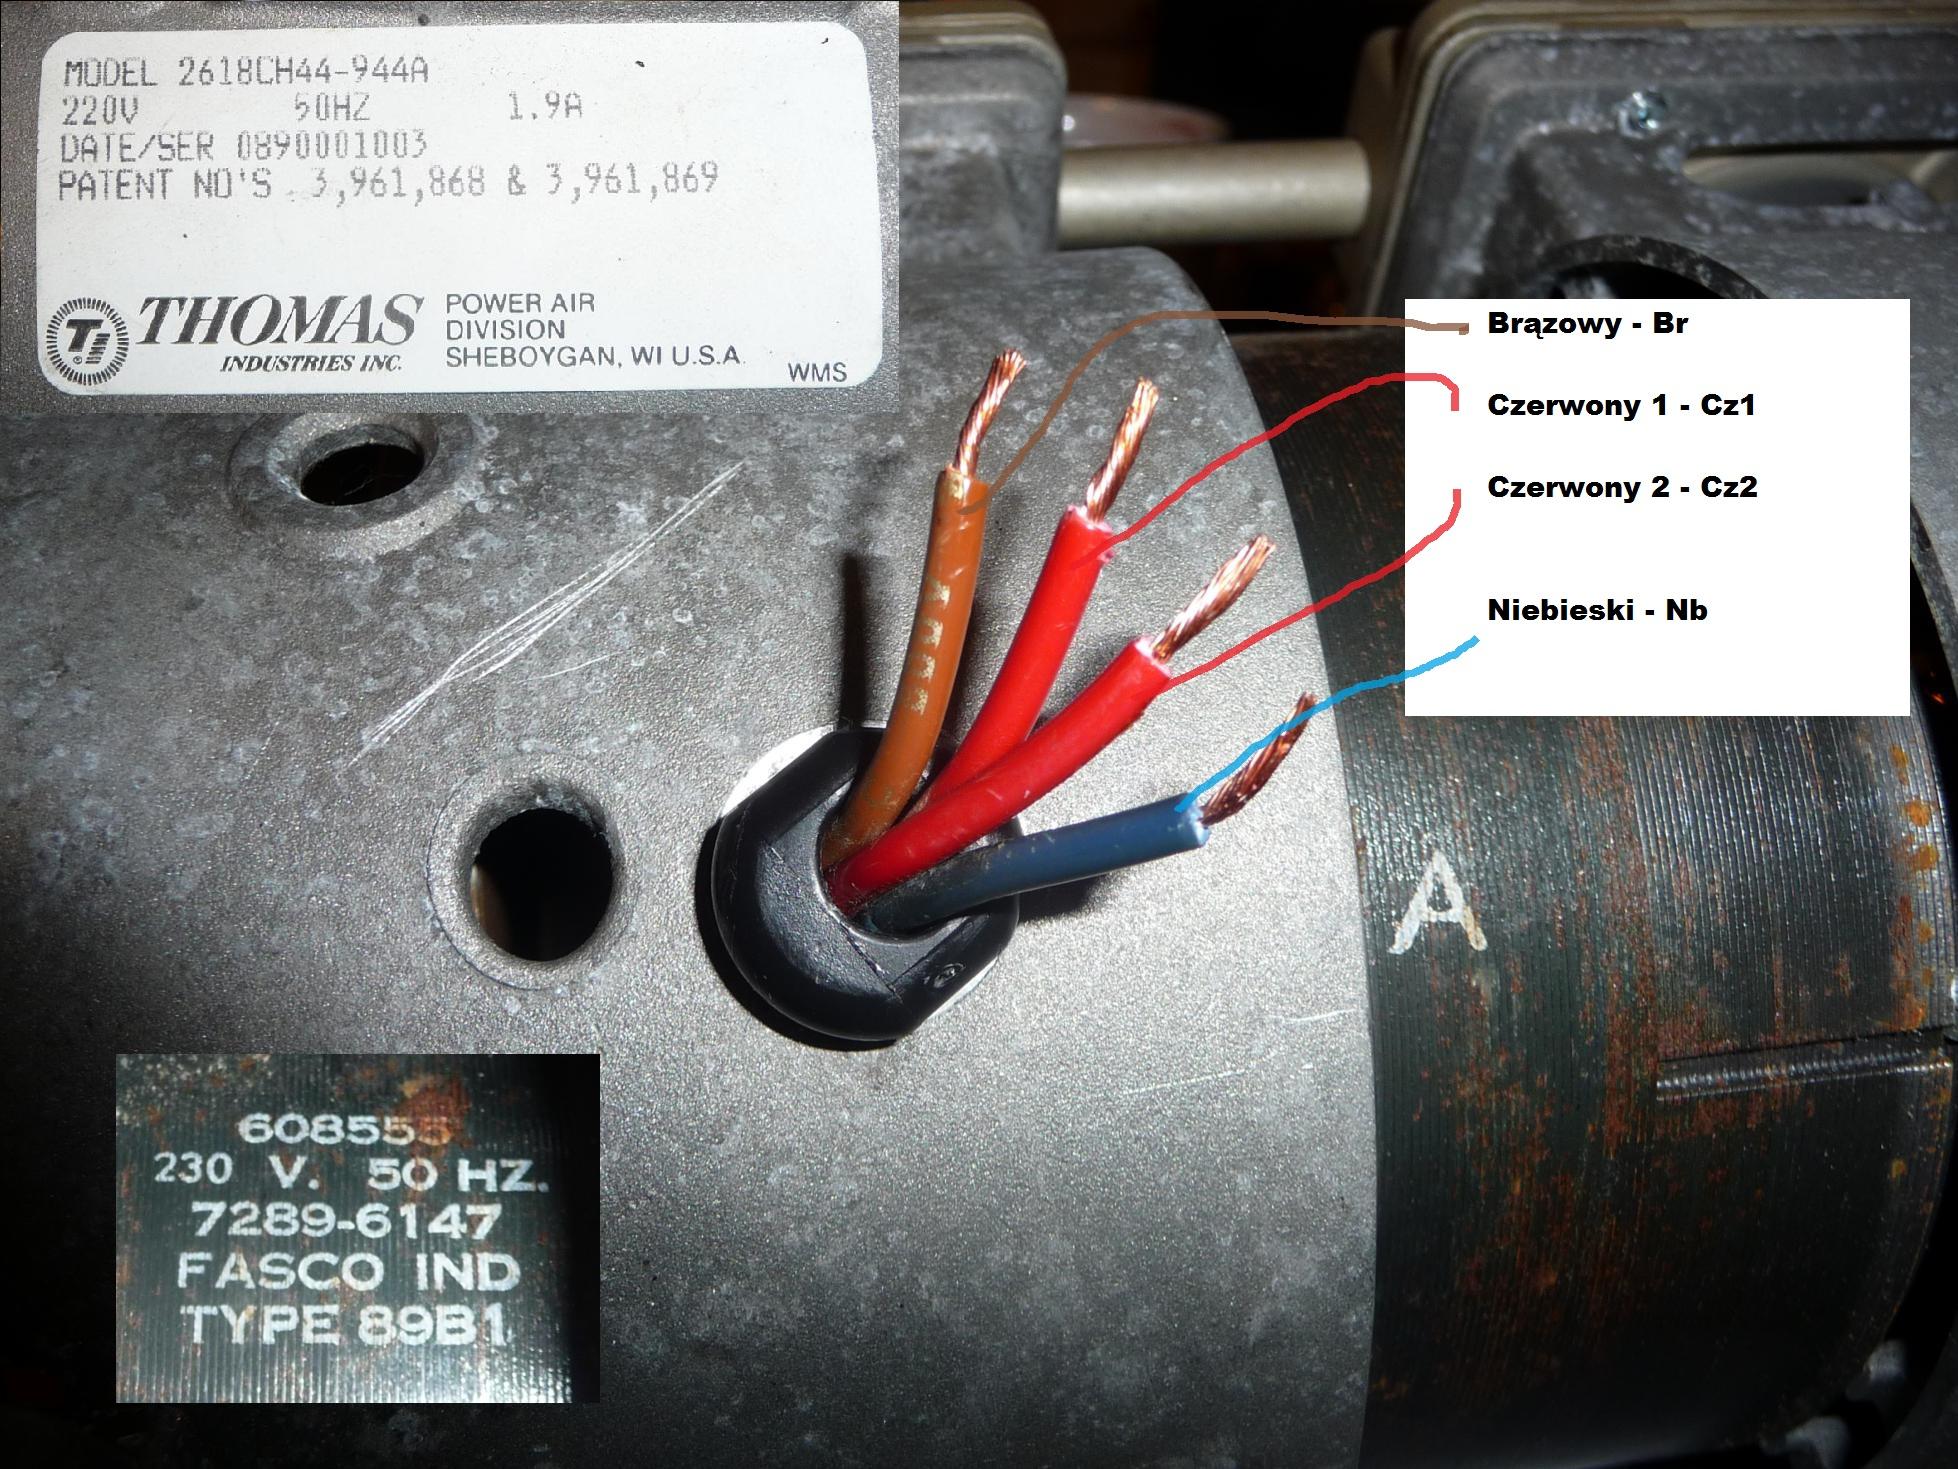 Pompa Thomas 2618ch44 - Rozszyfrowanie pod��czenia i dobranie kondensatora